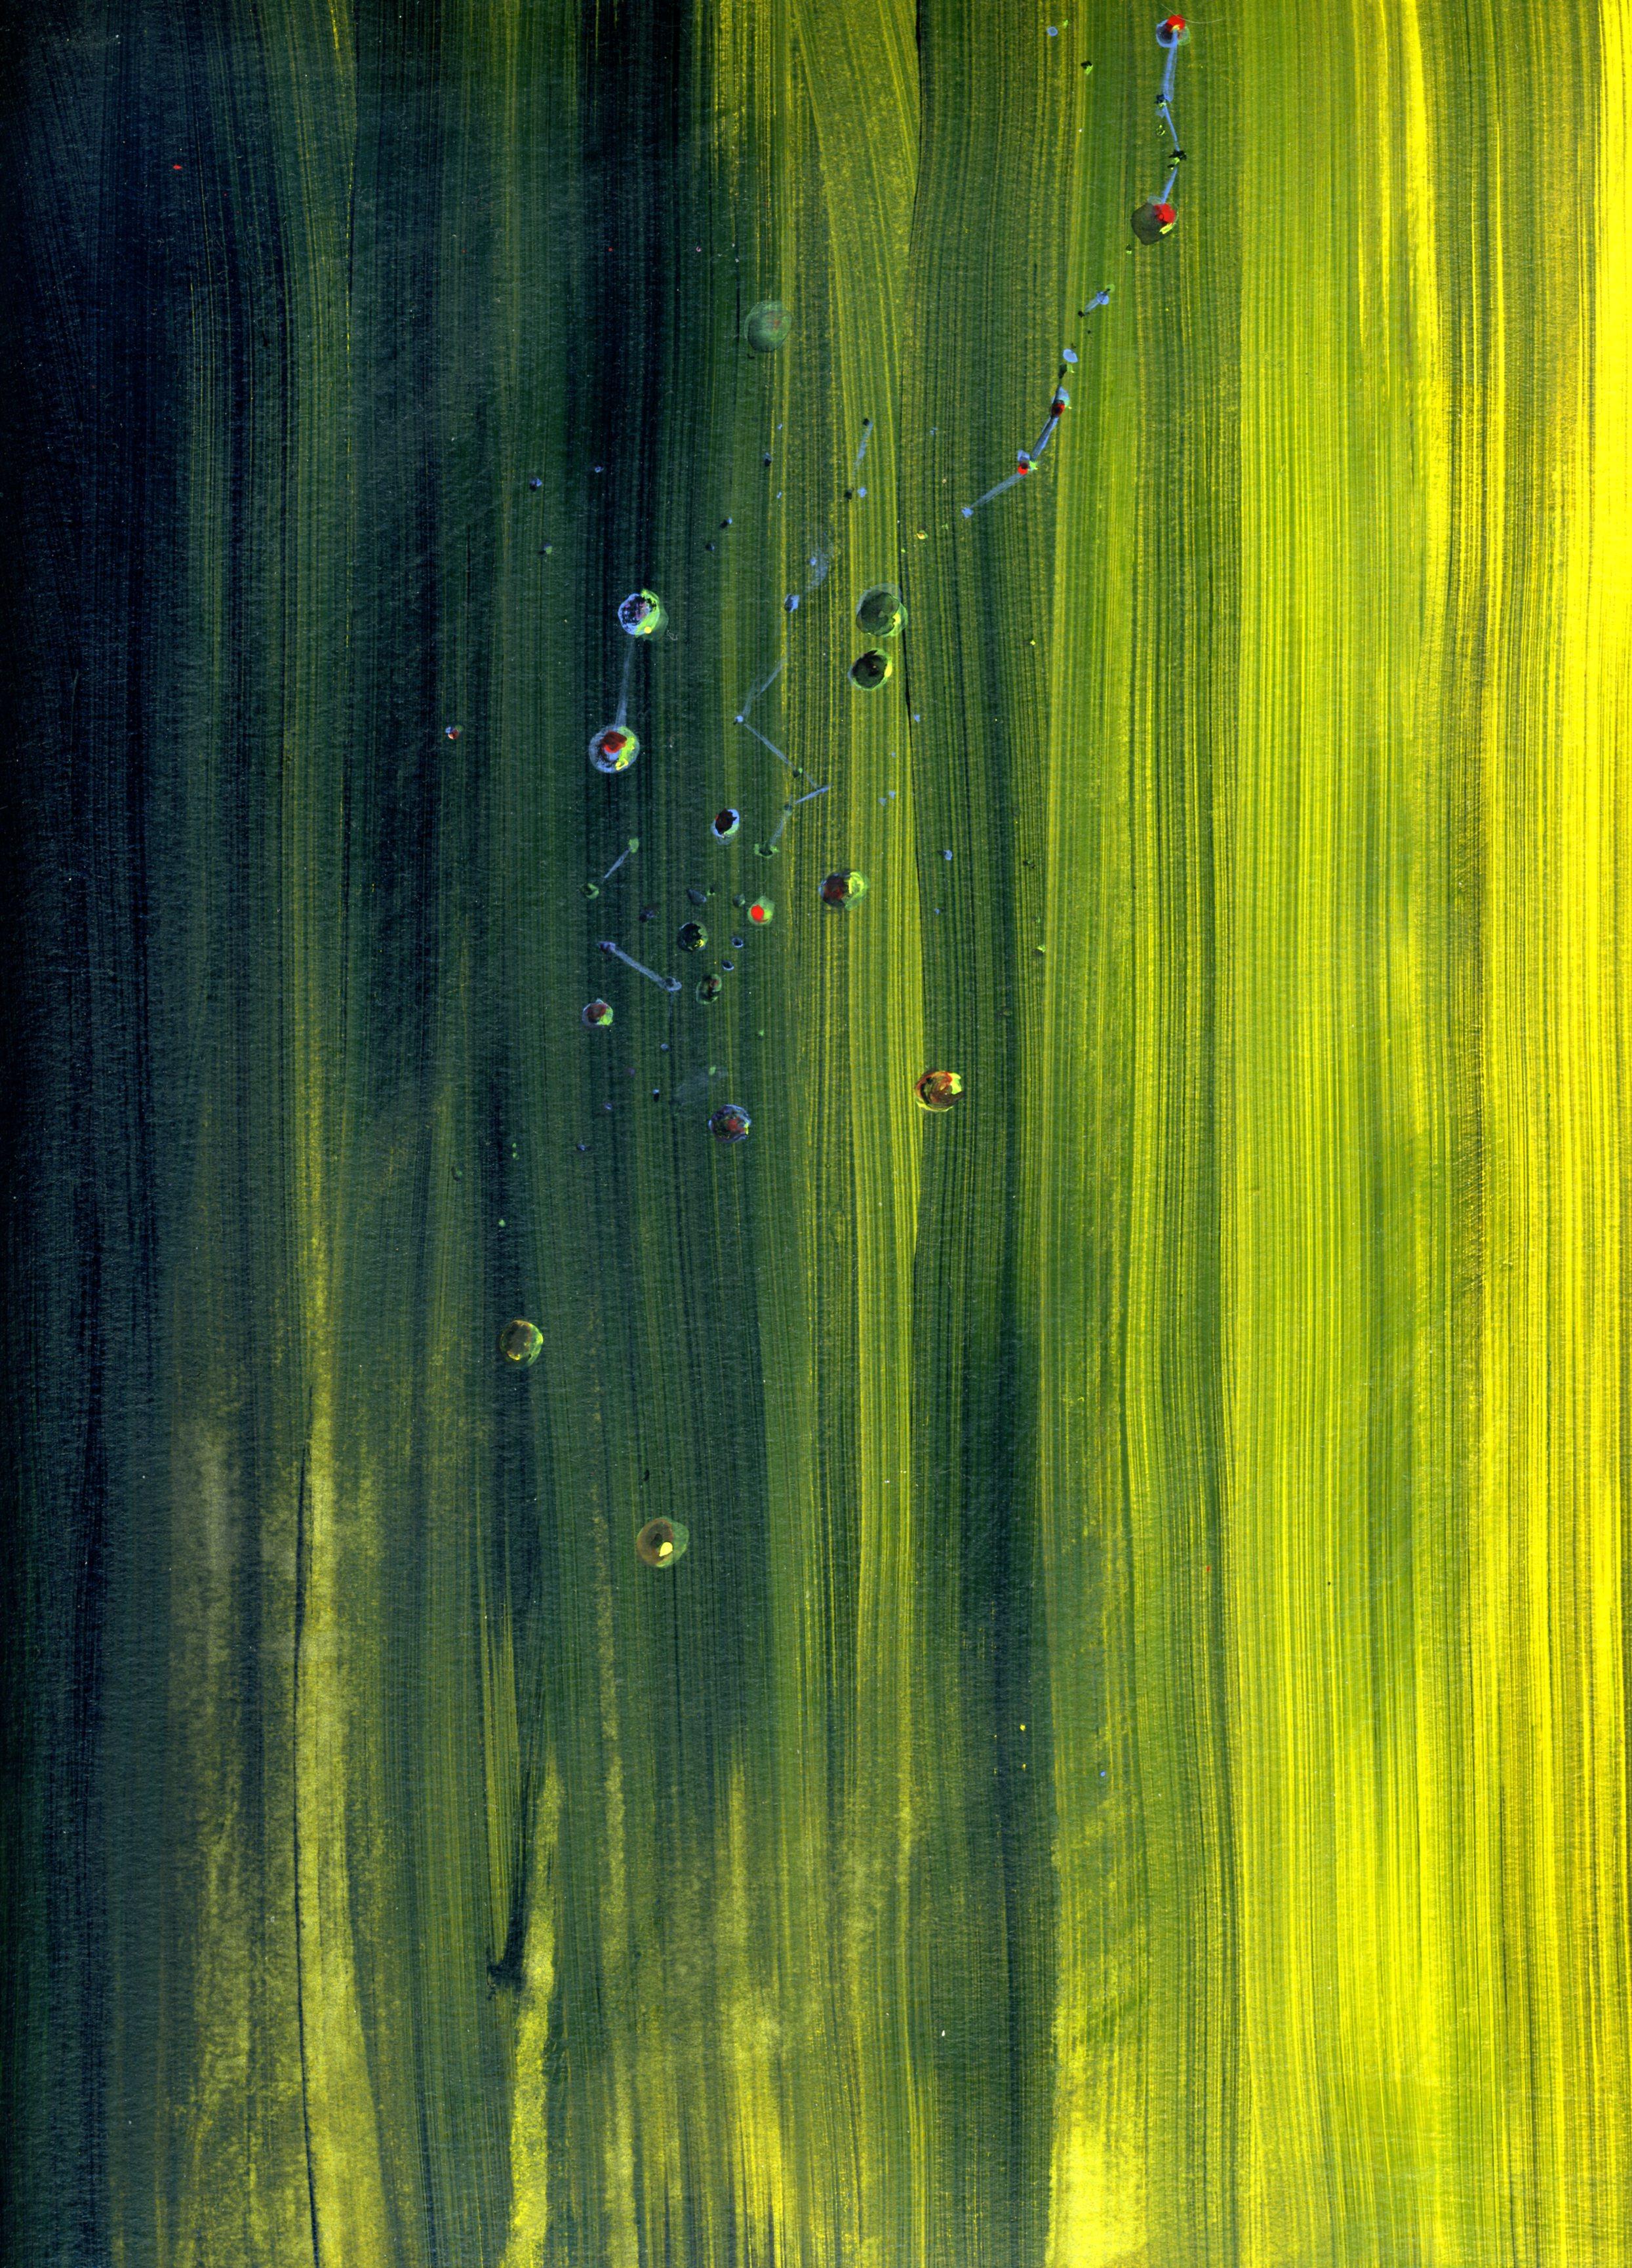 11 Kate Wilson Humming of Molecular Spheres.jpg